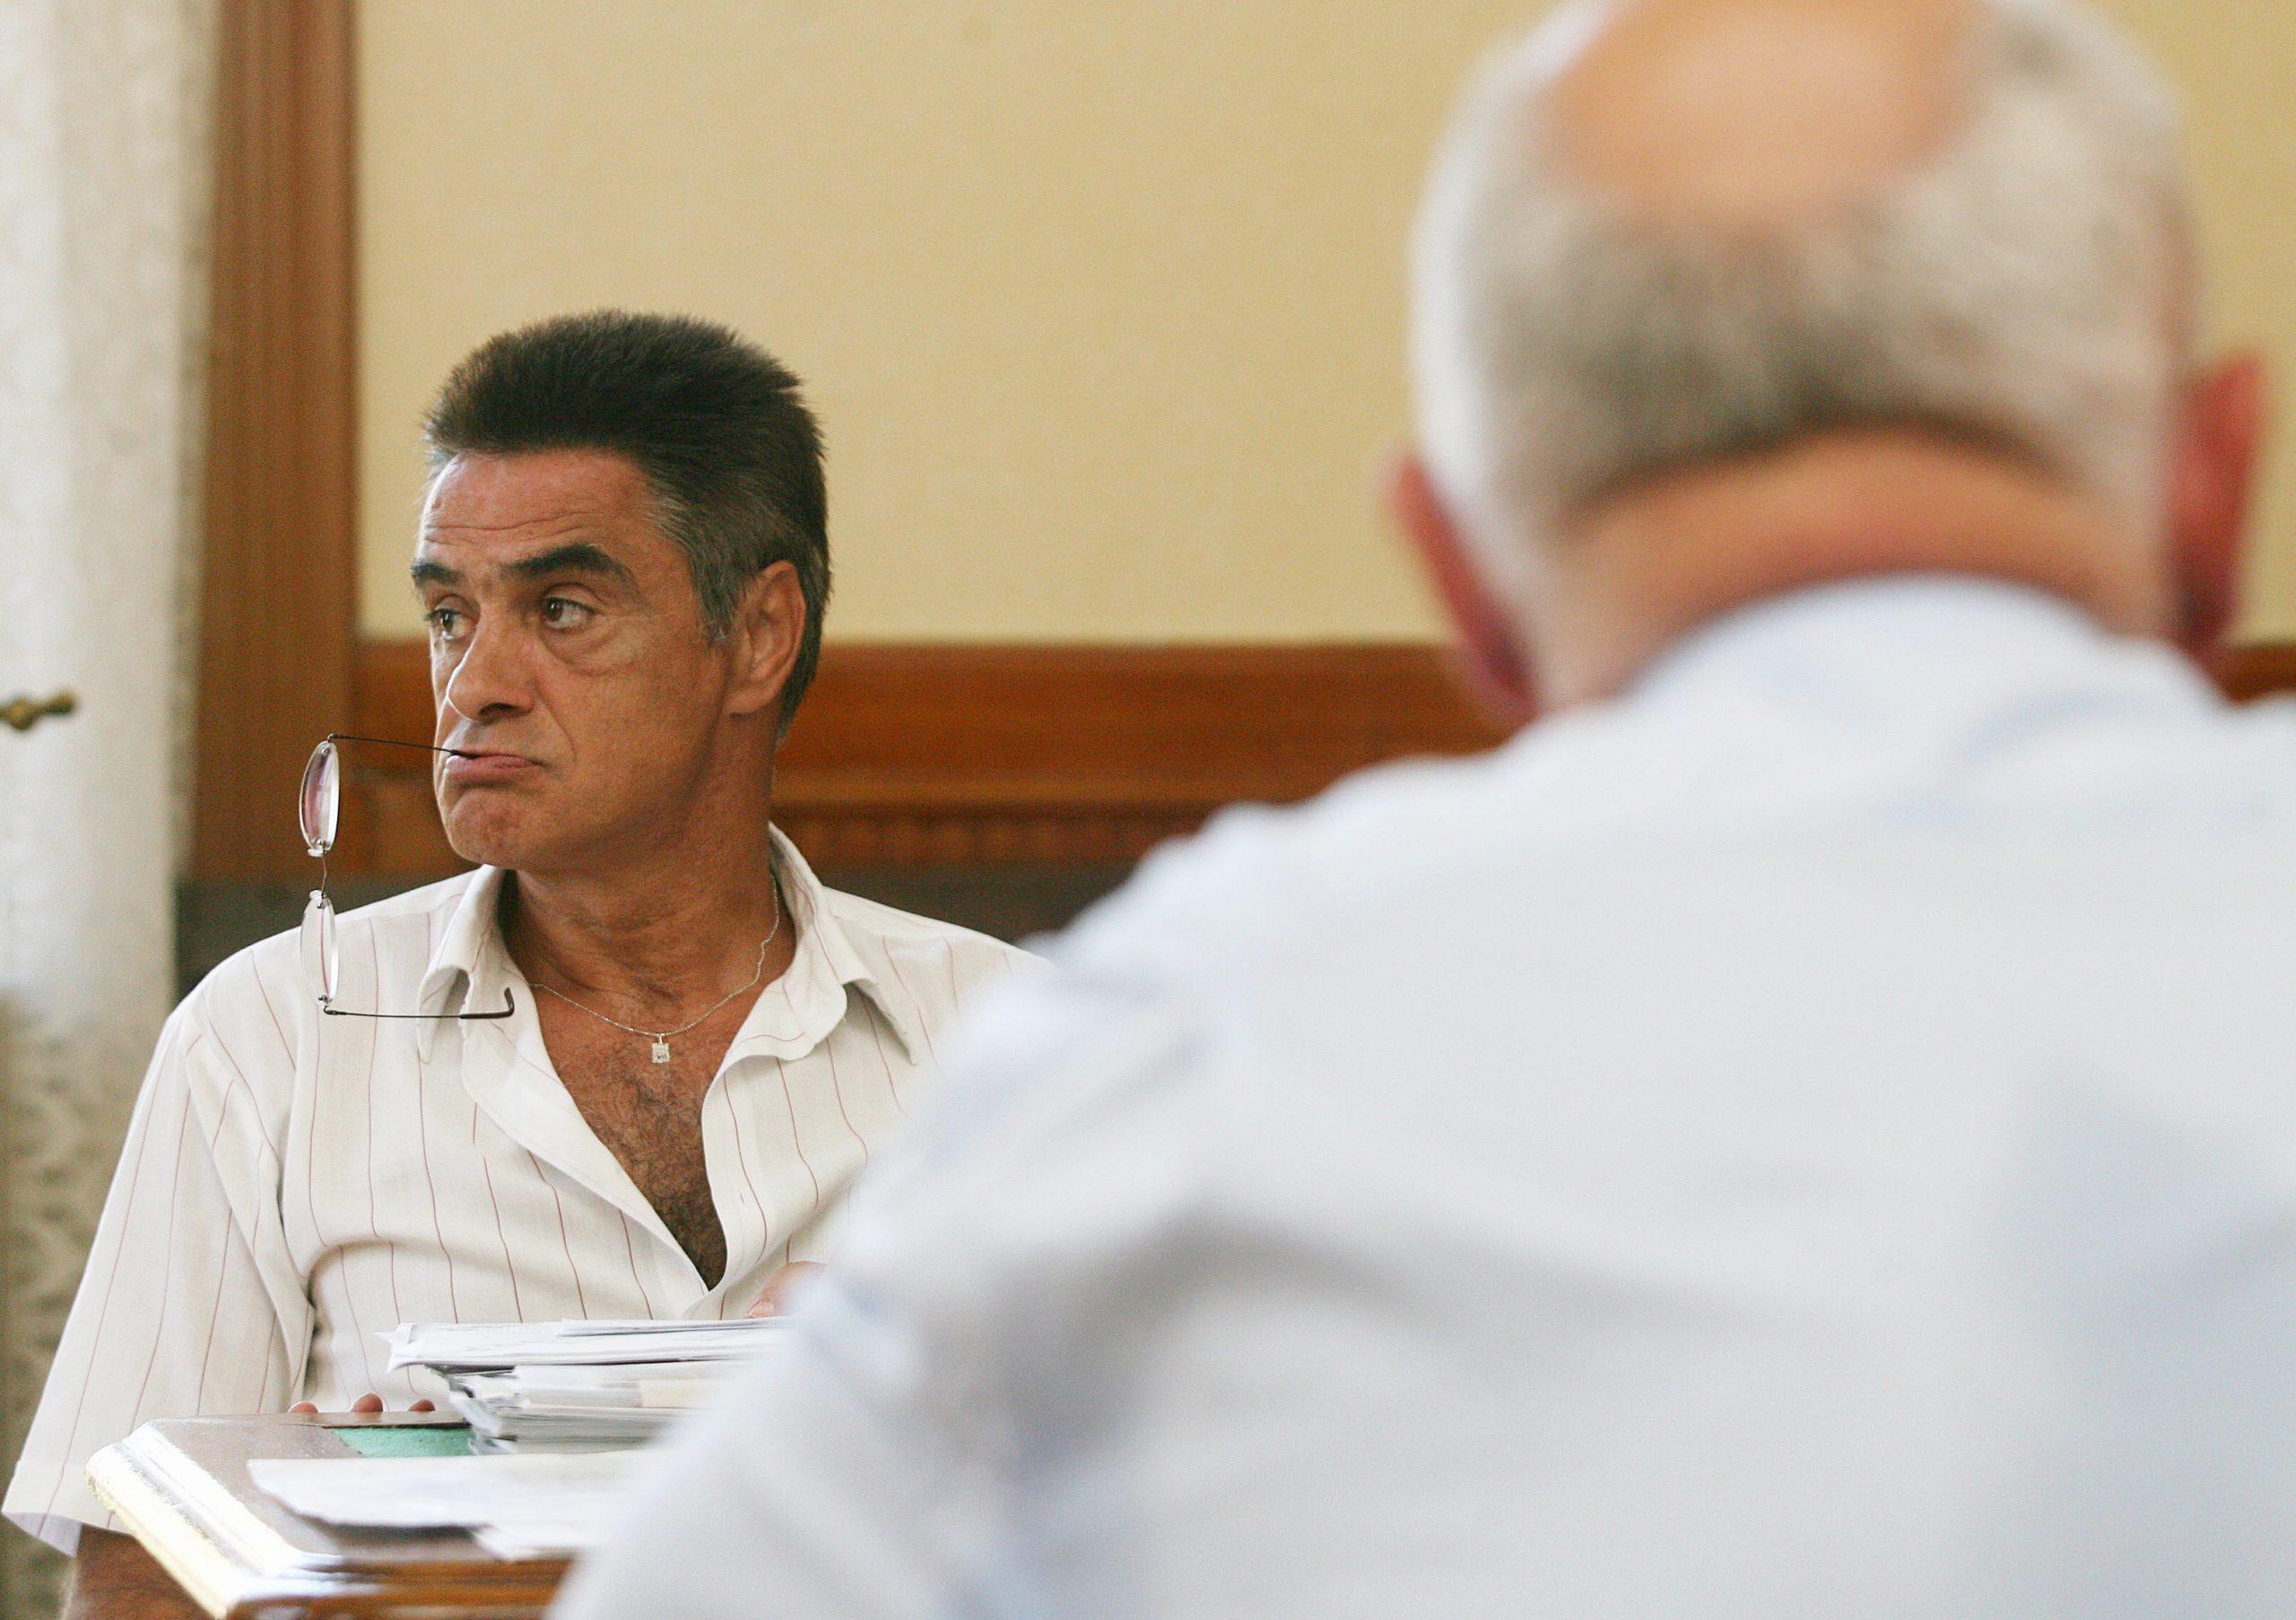 Kende Péter, amikor elbukott a Martonyi János elleni peren / Fotó: MTI